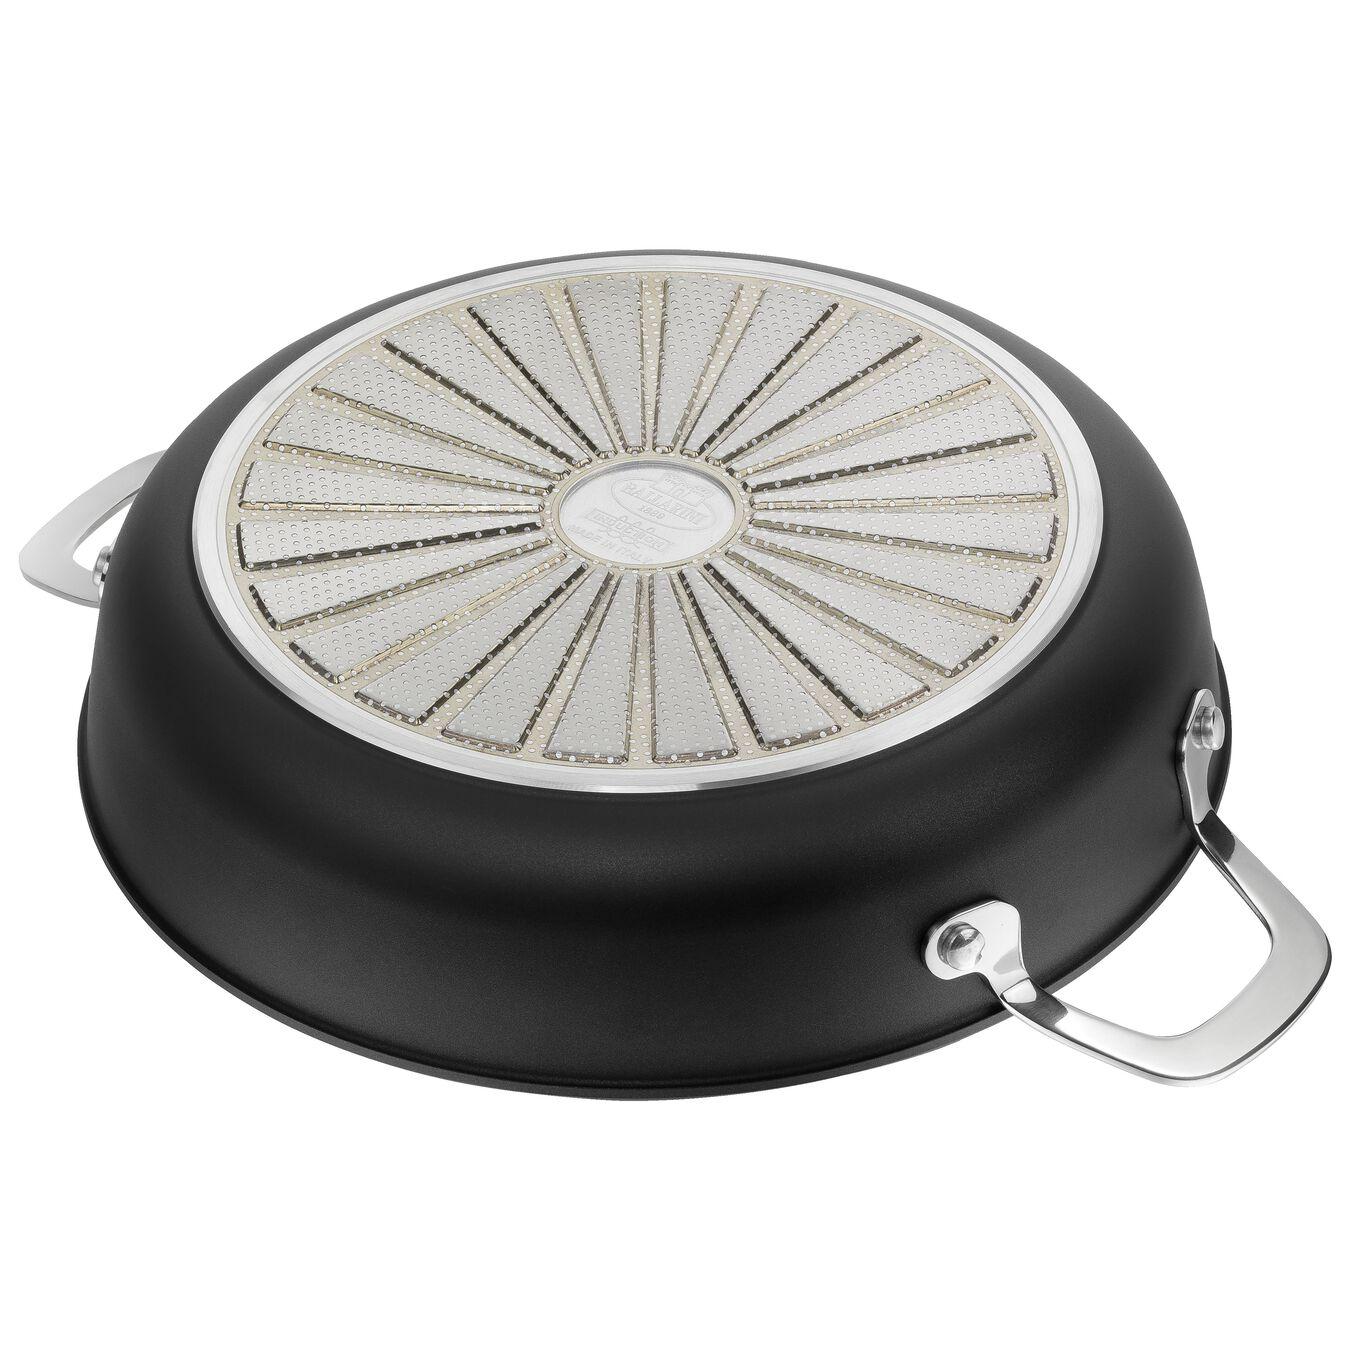 Servierpfanne, rund | PTFE,,large 4